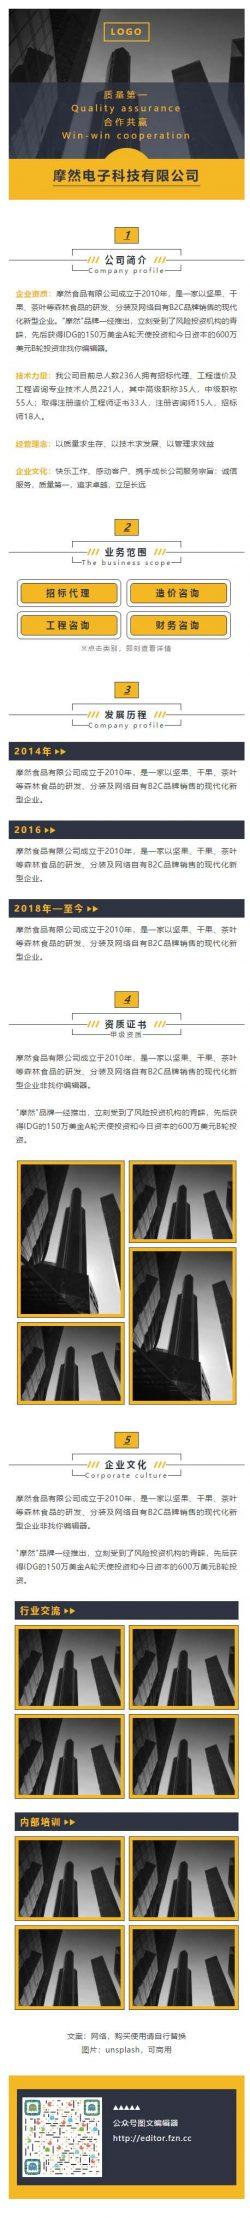 公司简介企业品牌介绍黄色黑色大气公众号推文素材推送图文